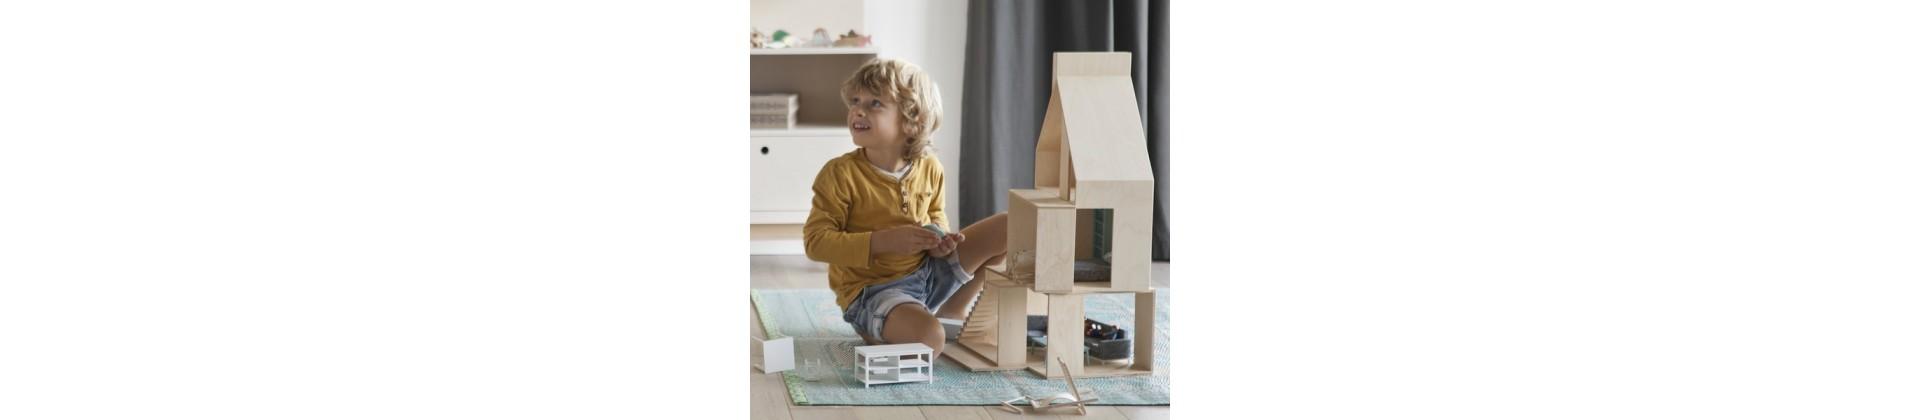 Maison de poupée design